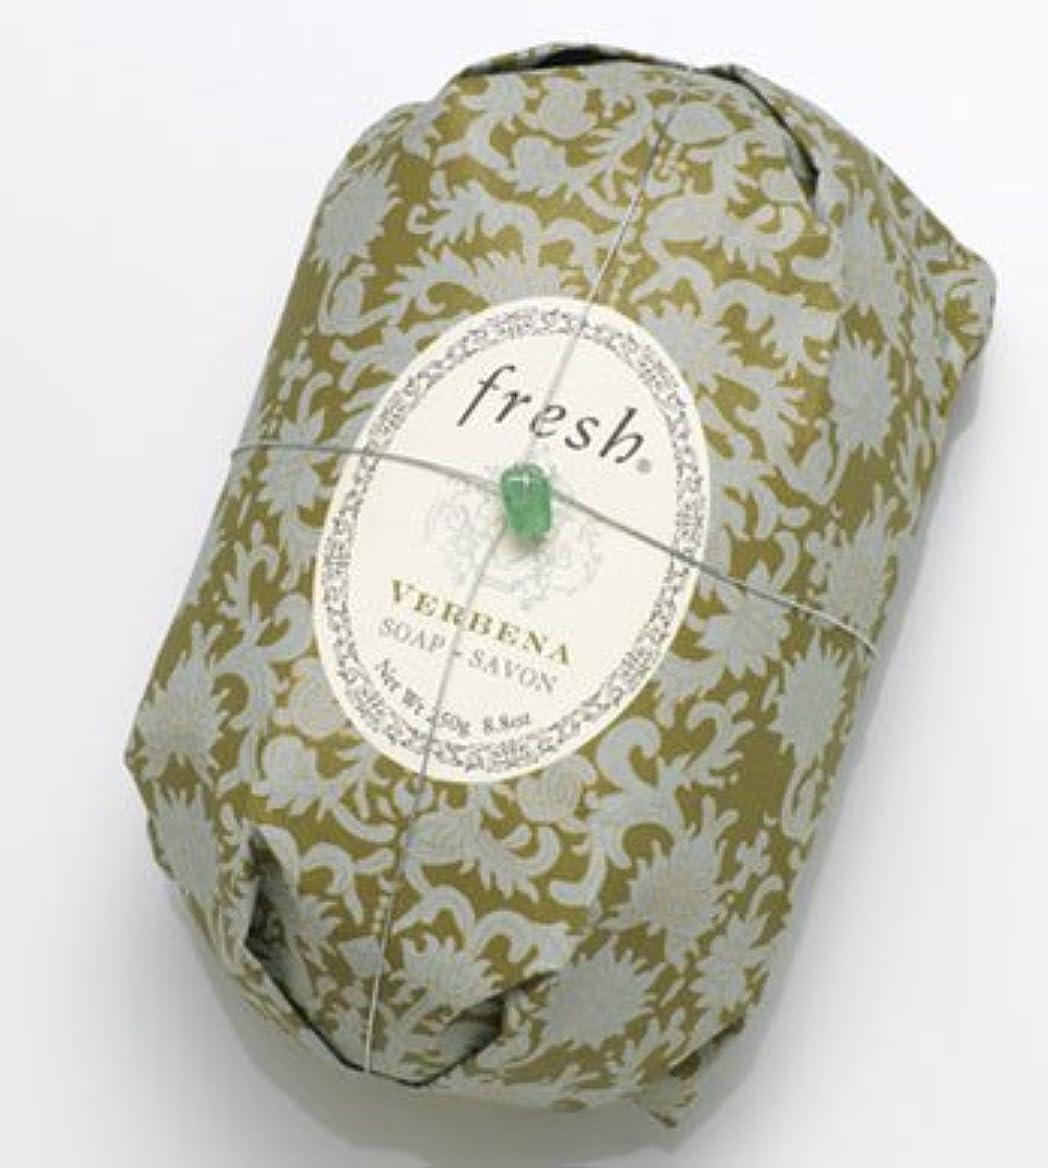 納税者ピット道徳のFresh VERBENA SOAP (フレッシュ バーベナ ソープ) 8.8 oz (250g) Soap (石鹸) by Fresh